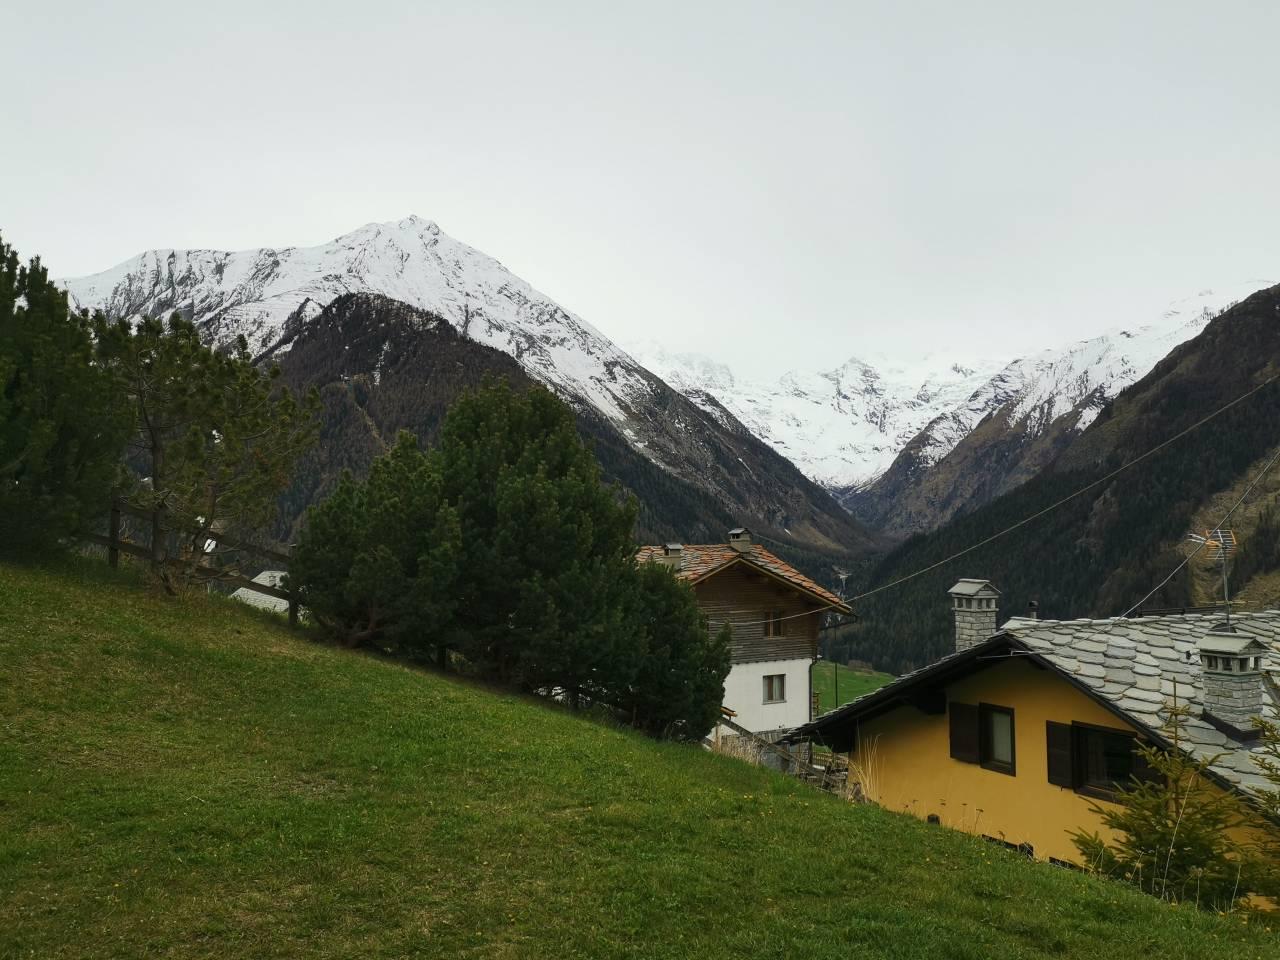 Cogne (AO). Nubi in intensificazione sulle Alpi occidentali per l'avvicinamento di un nuovo fronte dalla Francia